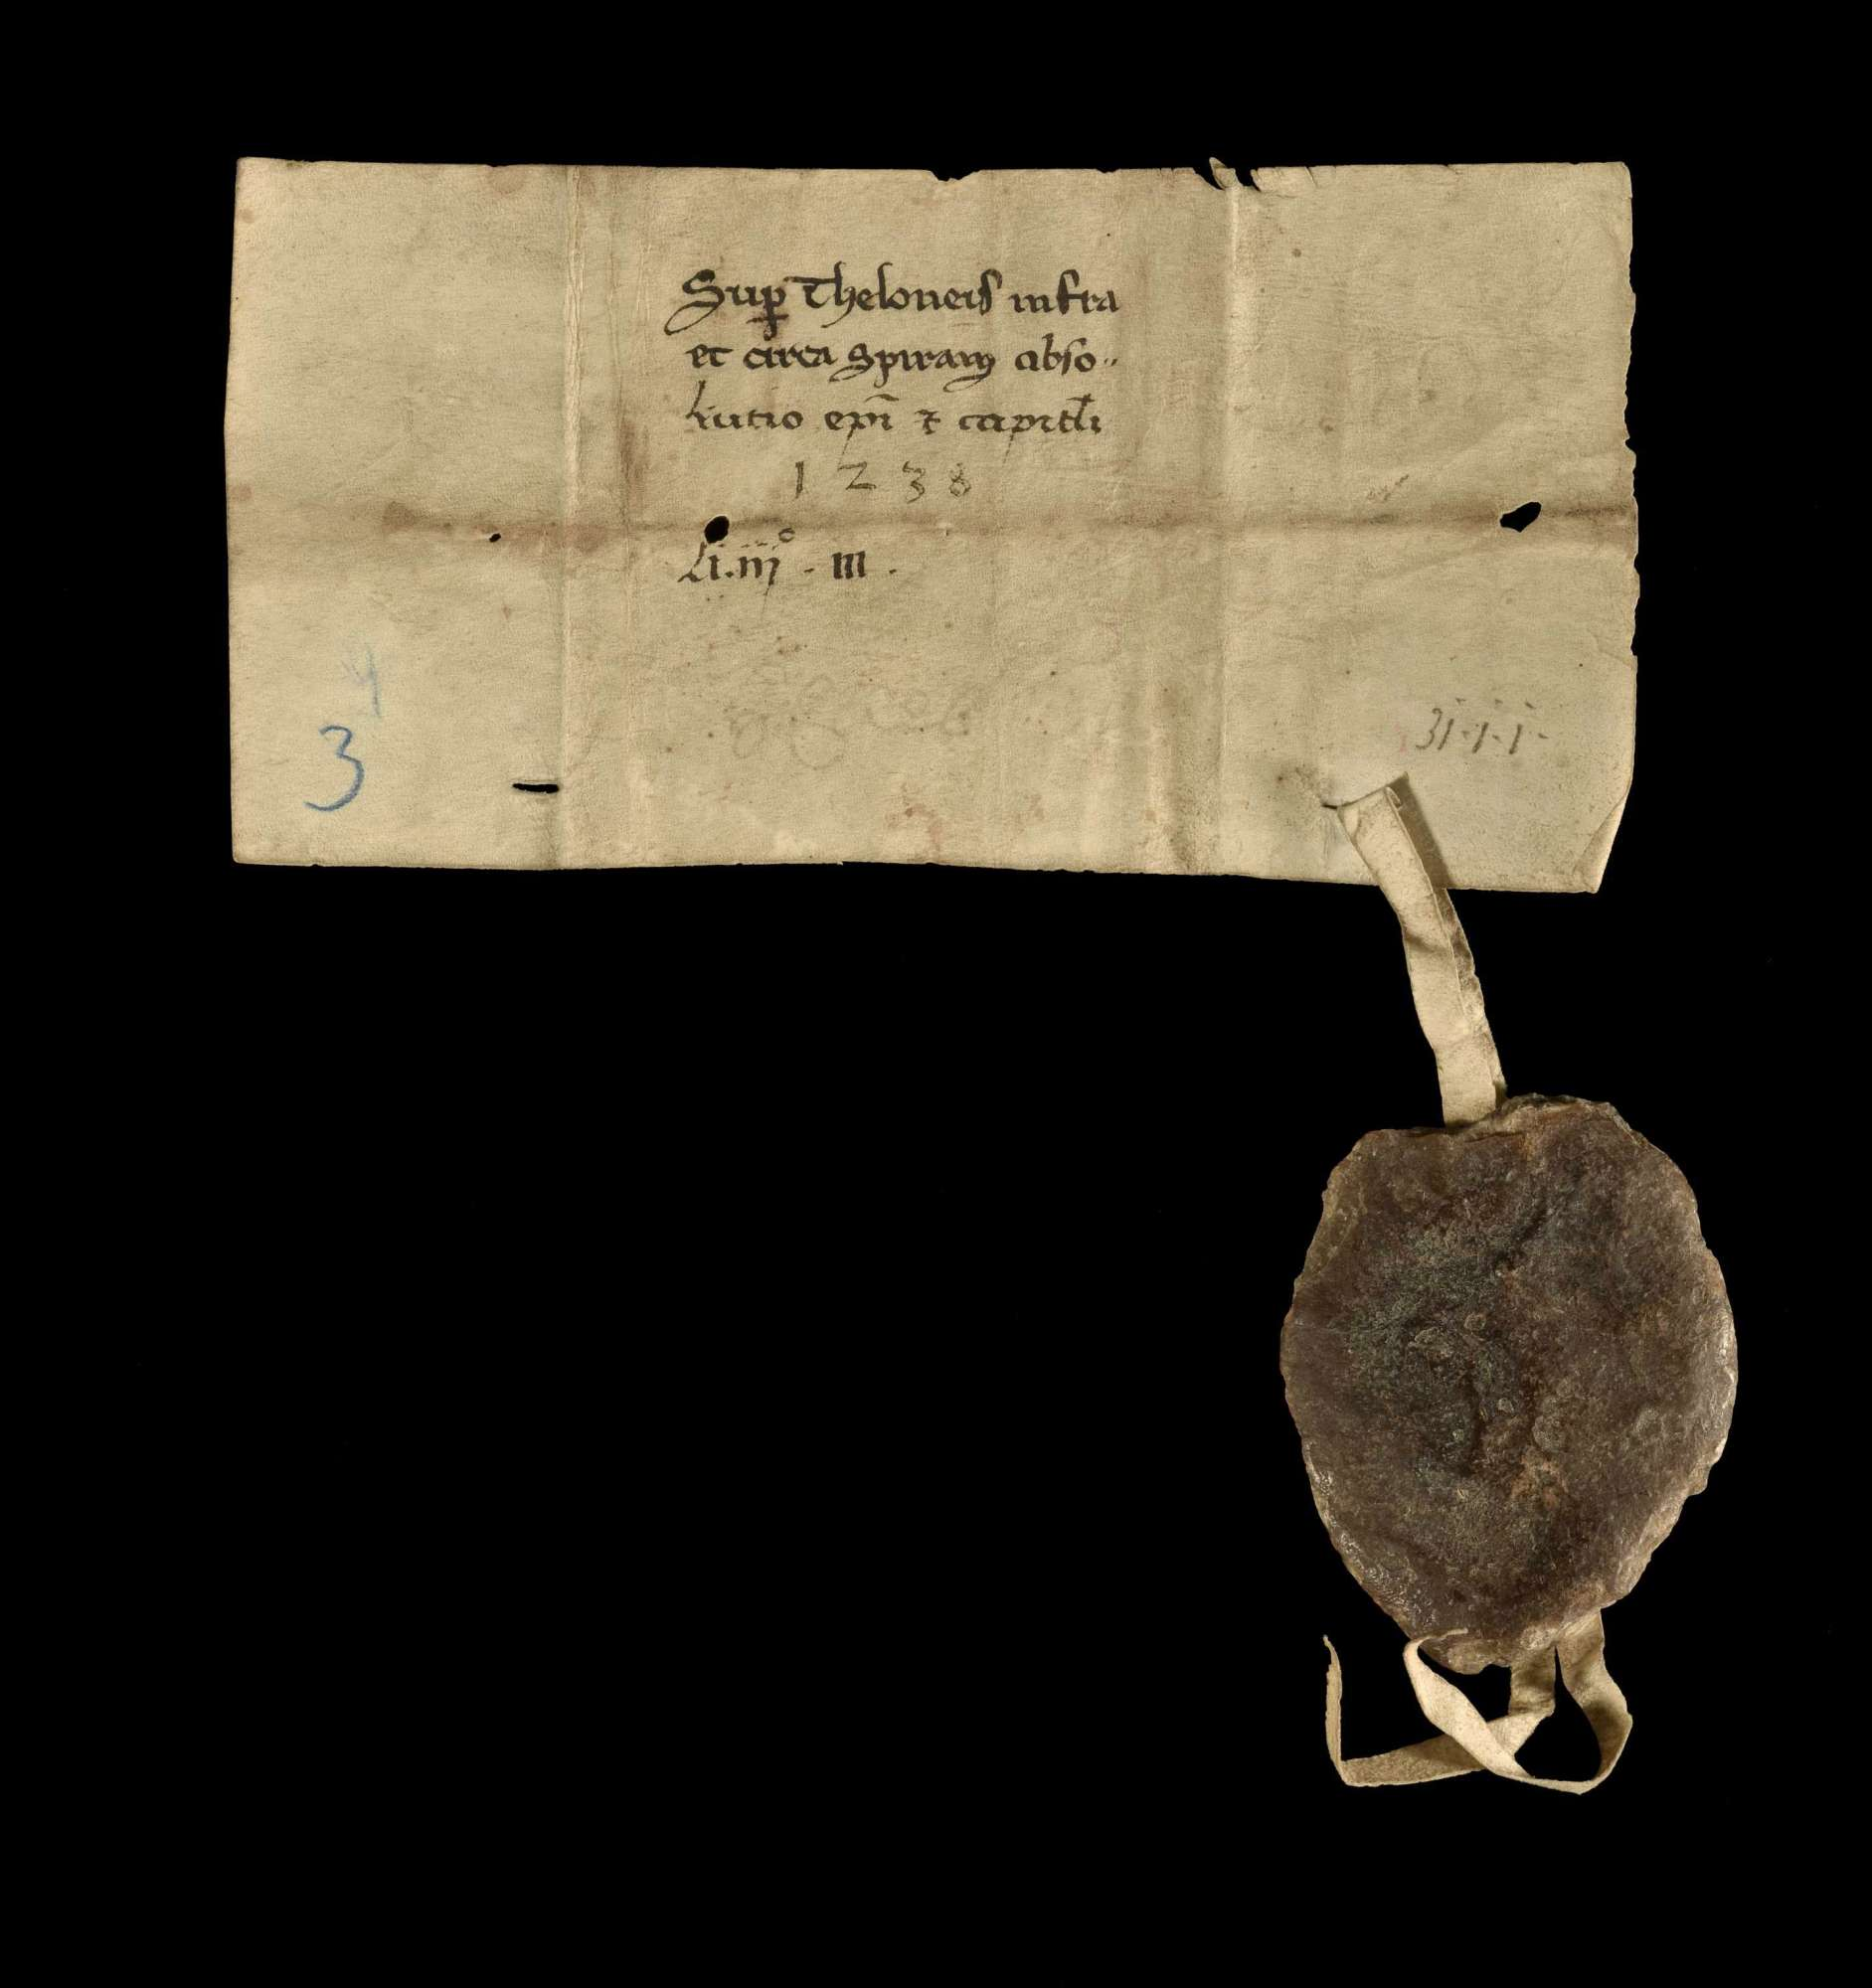 Der Bischof Konrad von Speyer befreit das Kloster Herrenalb von jedweder Zollabgabe, welche dasselbe seither in Speyer und dessen Umgegend zu entrichten verpflichtet war., v